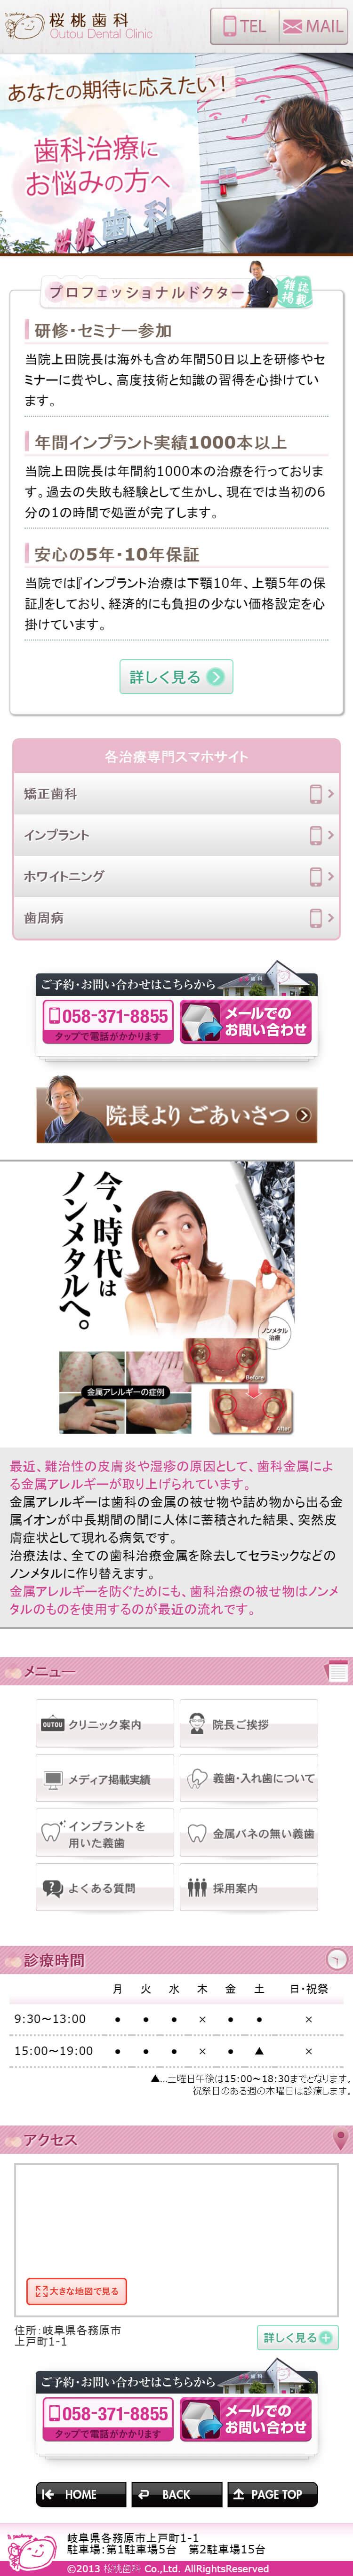 桜桃歯科 様